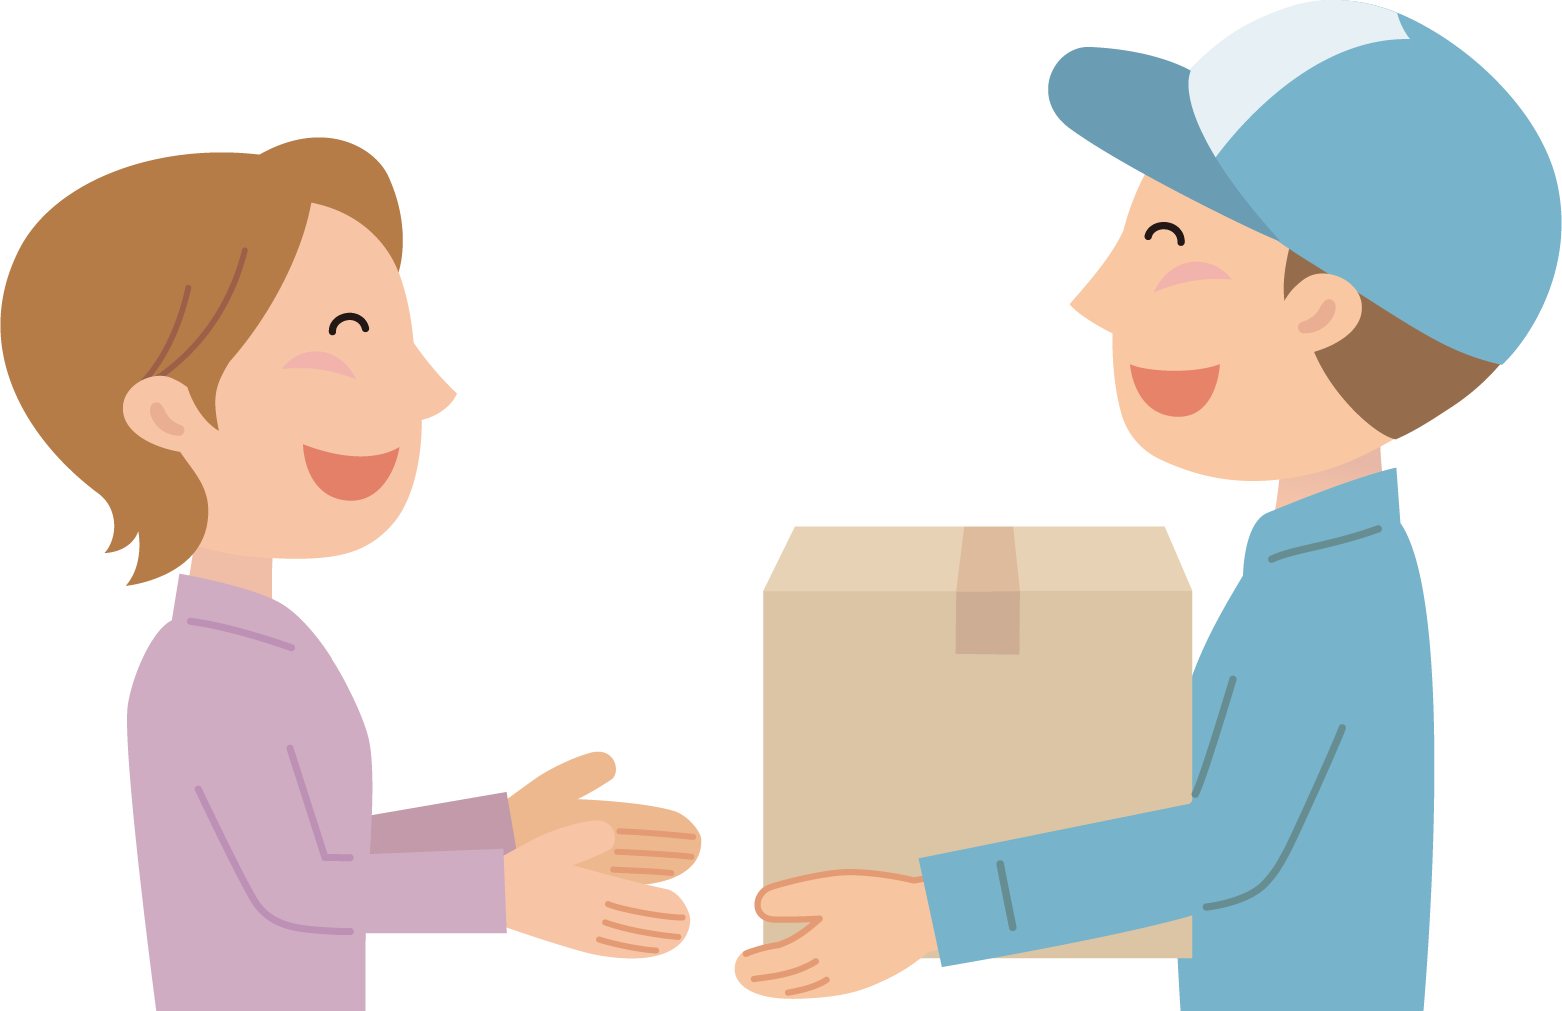 食材宅配サービスの商品を受け取る主婦と届ける配達員